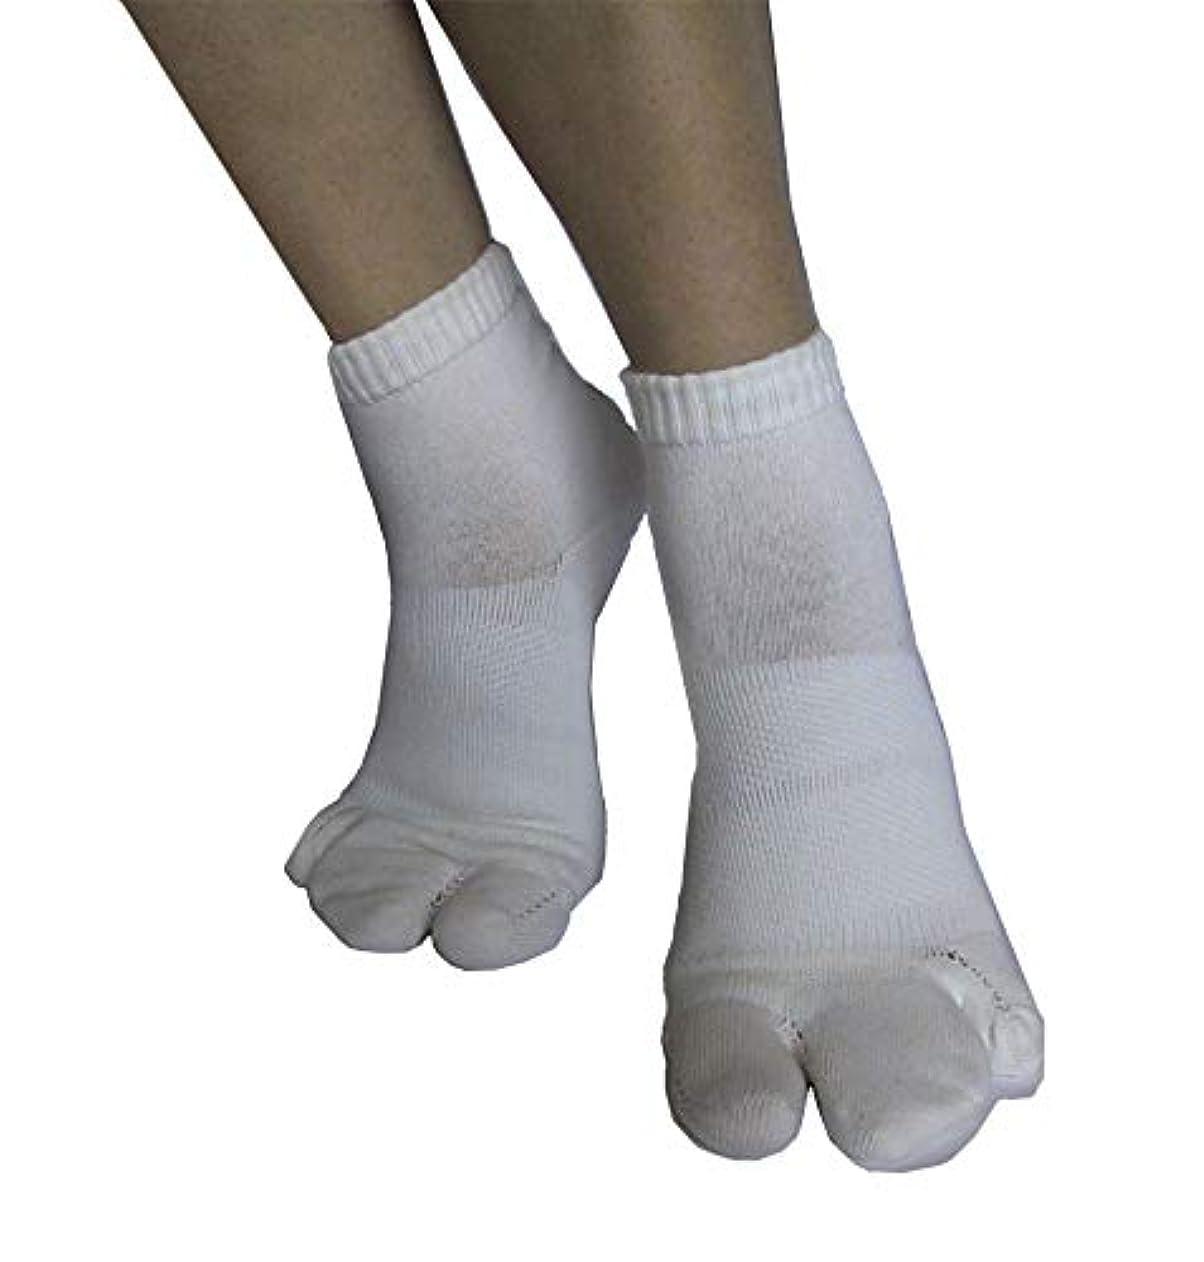 テレビ見分ける発行カサハラ式サポーター ホソックス3本指テーピング靴下 ホワイトM 23.5-24.5cm